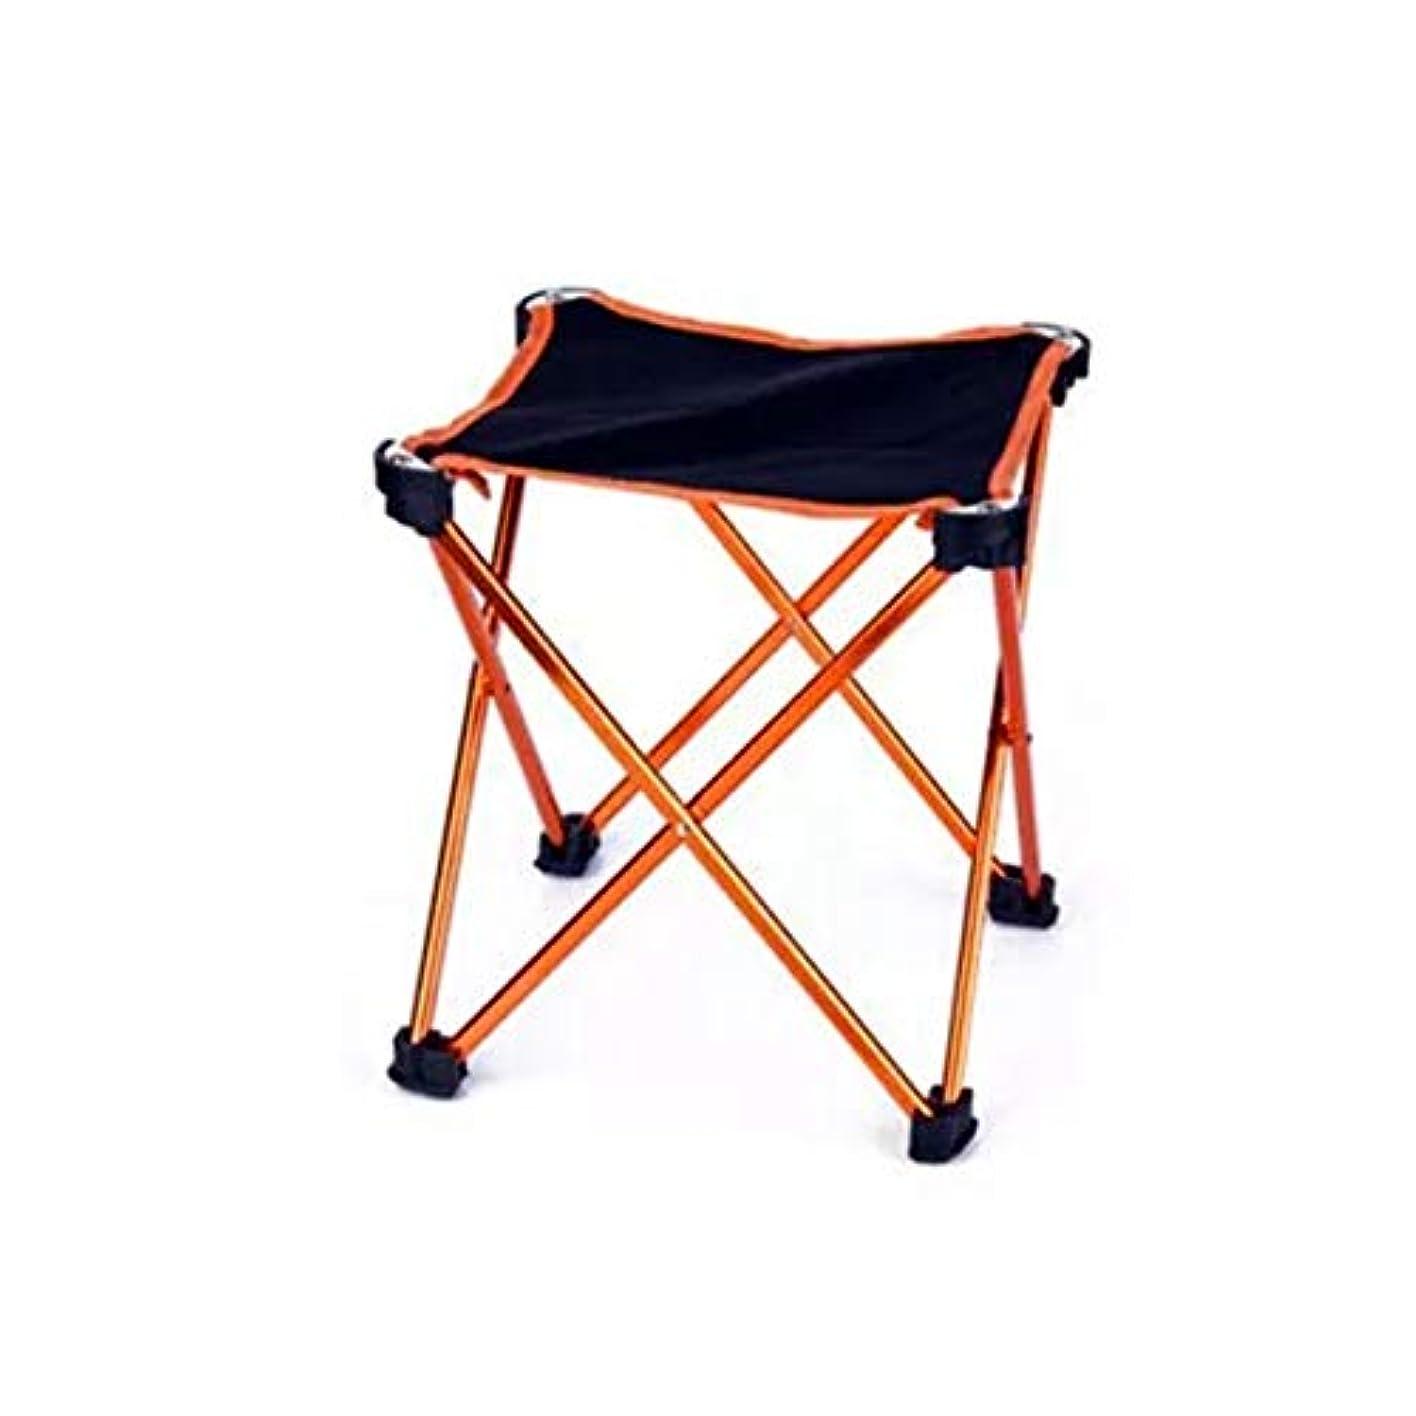 群がるシマウマ公スチール チェアー 折りたたみ椅子 折りたたみ アウトドア スツール 軽量 耐荷量 100kg コンパクト キャンプ 運動会 スポーツ観戦 椅子 イス レジャー 釣り お花見